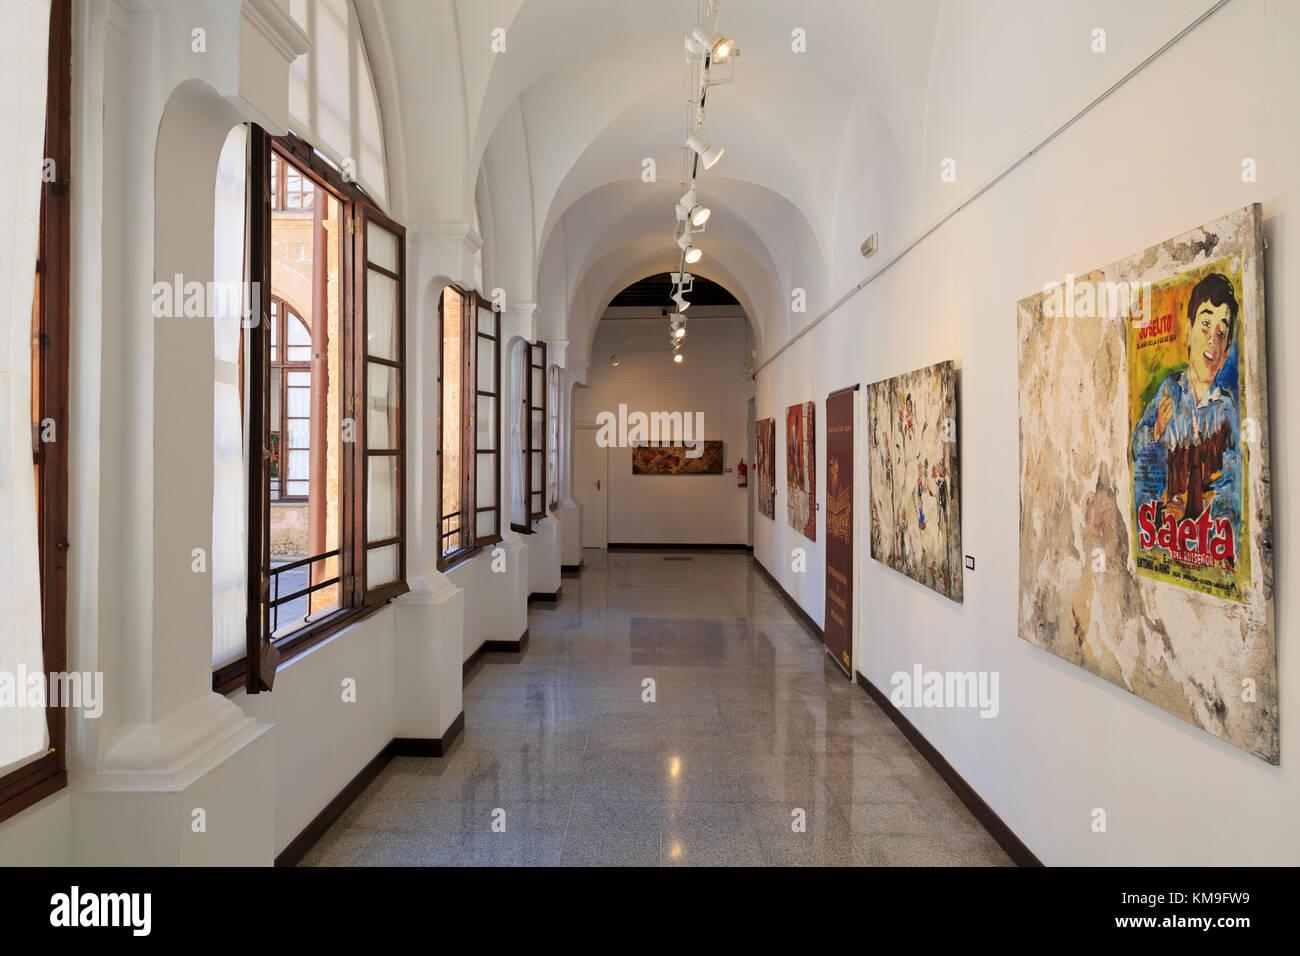 Centro de historia y cultura militar de balearas, Palma de Mallorca, Maiorca, isole belearic, Spagna, Europa Immagini Stock